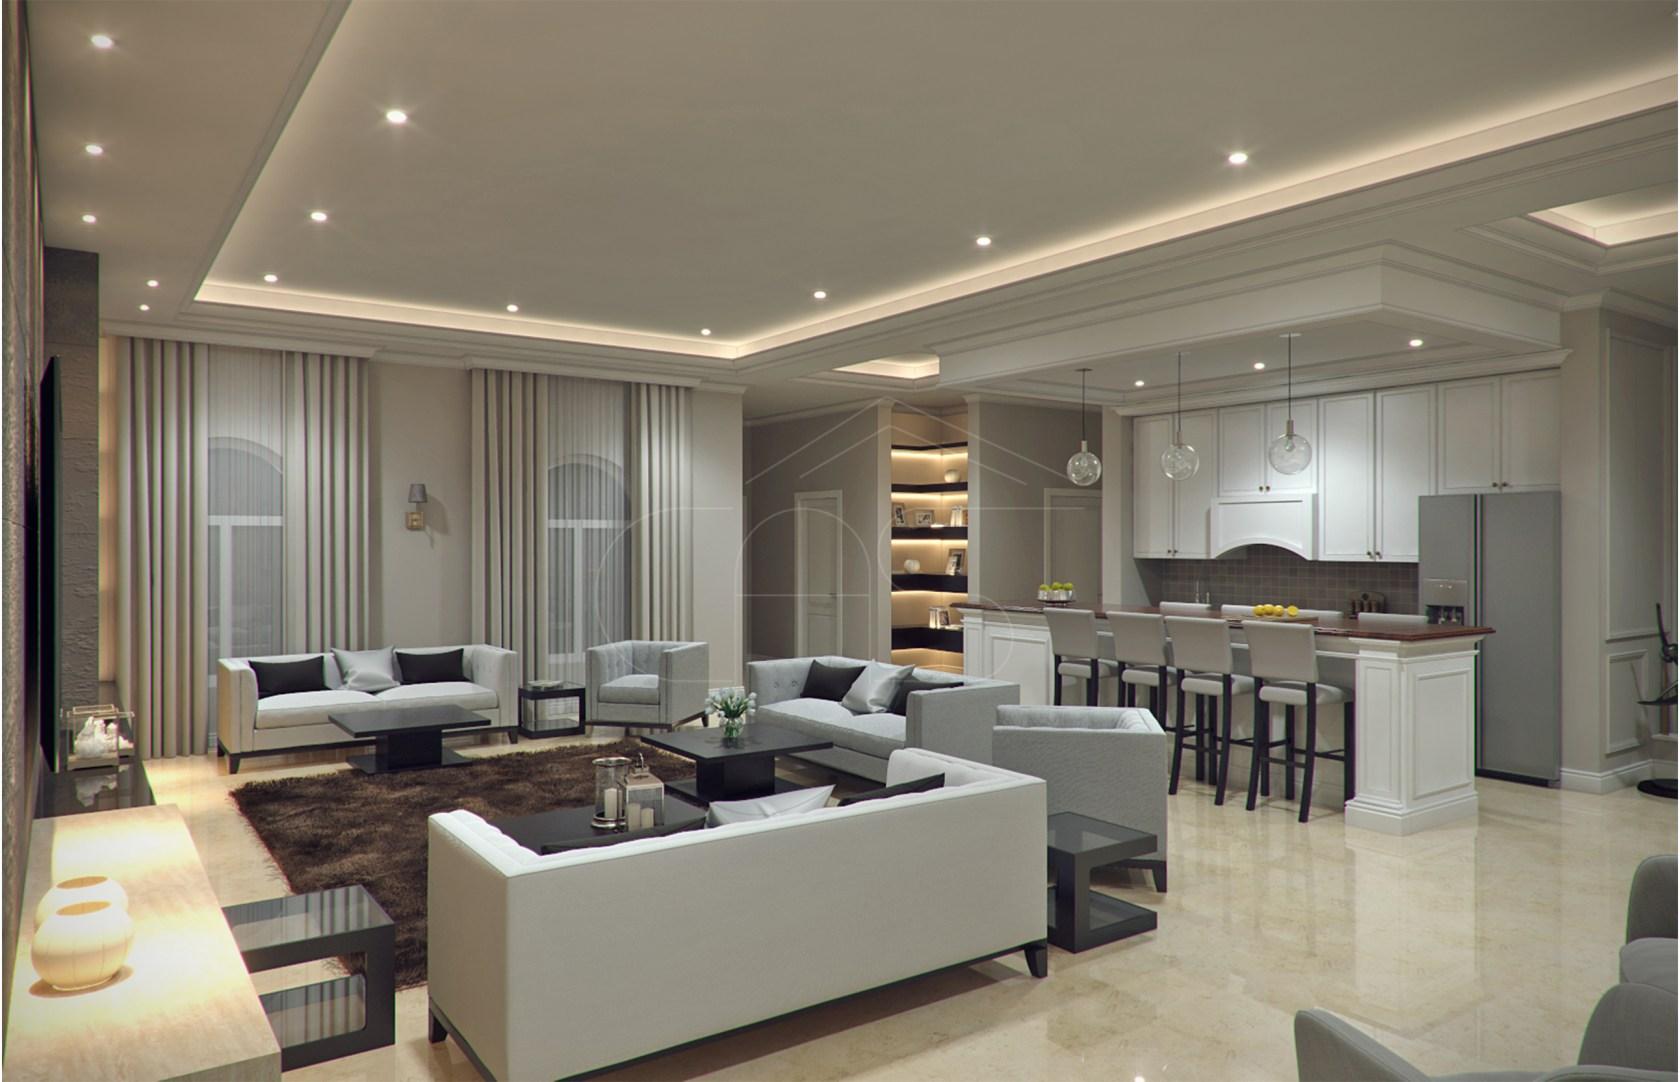 Modern Classic Villa Interior Design - Architizer